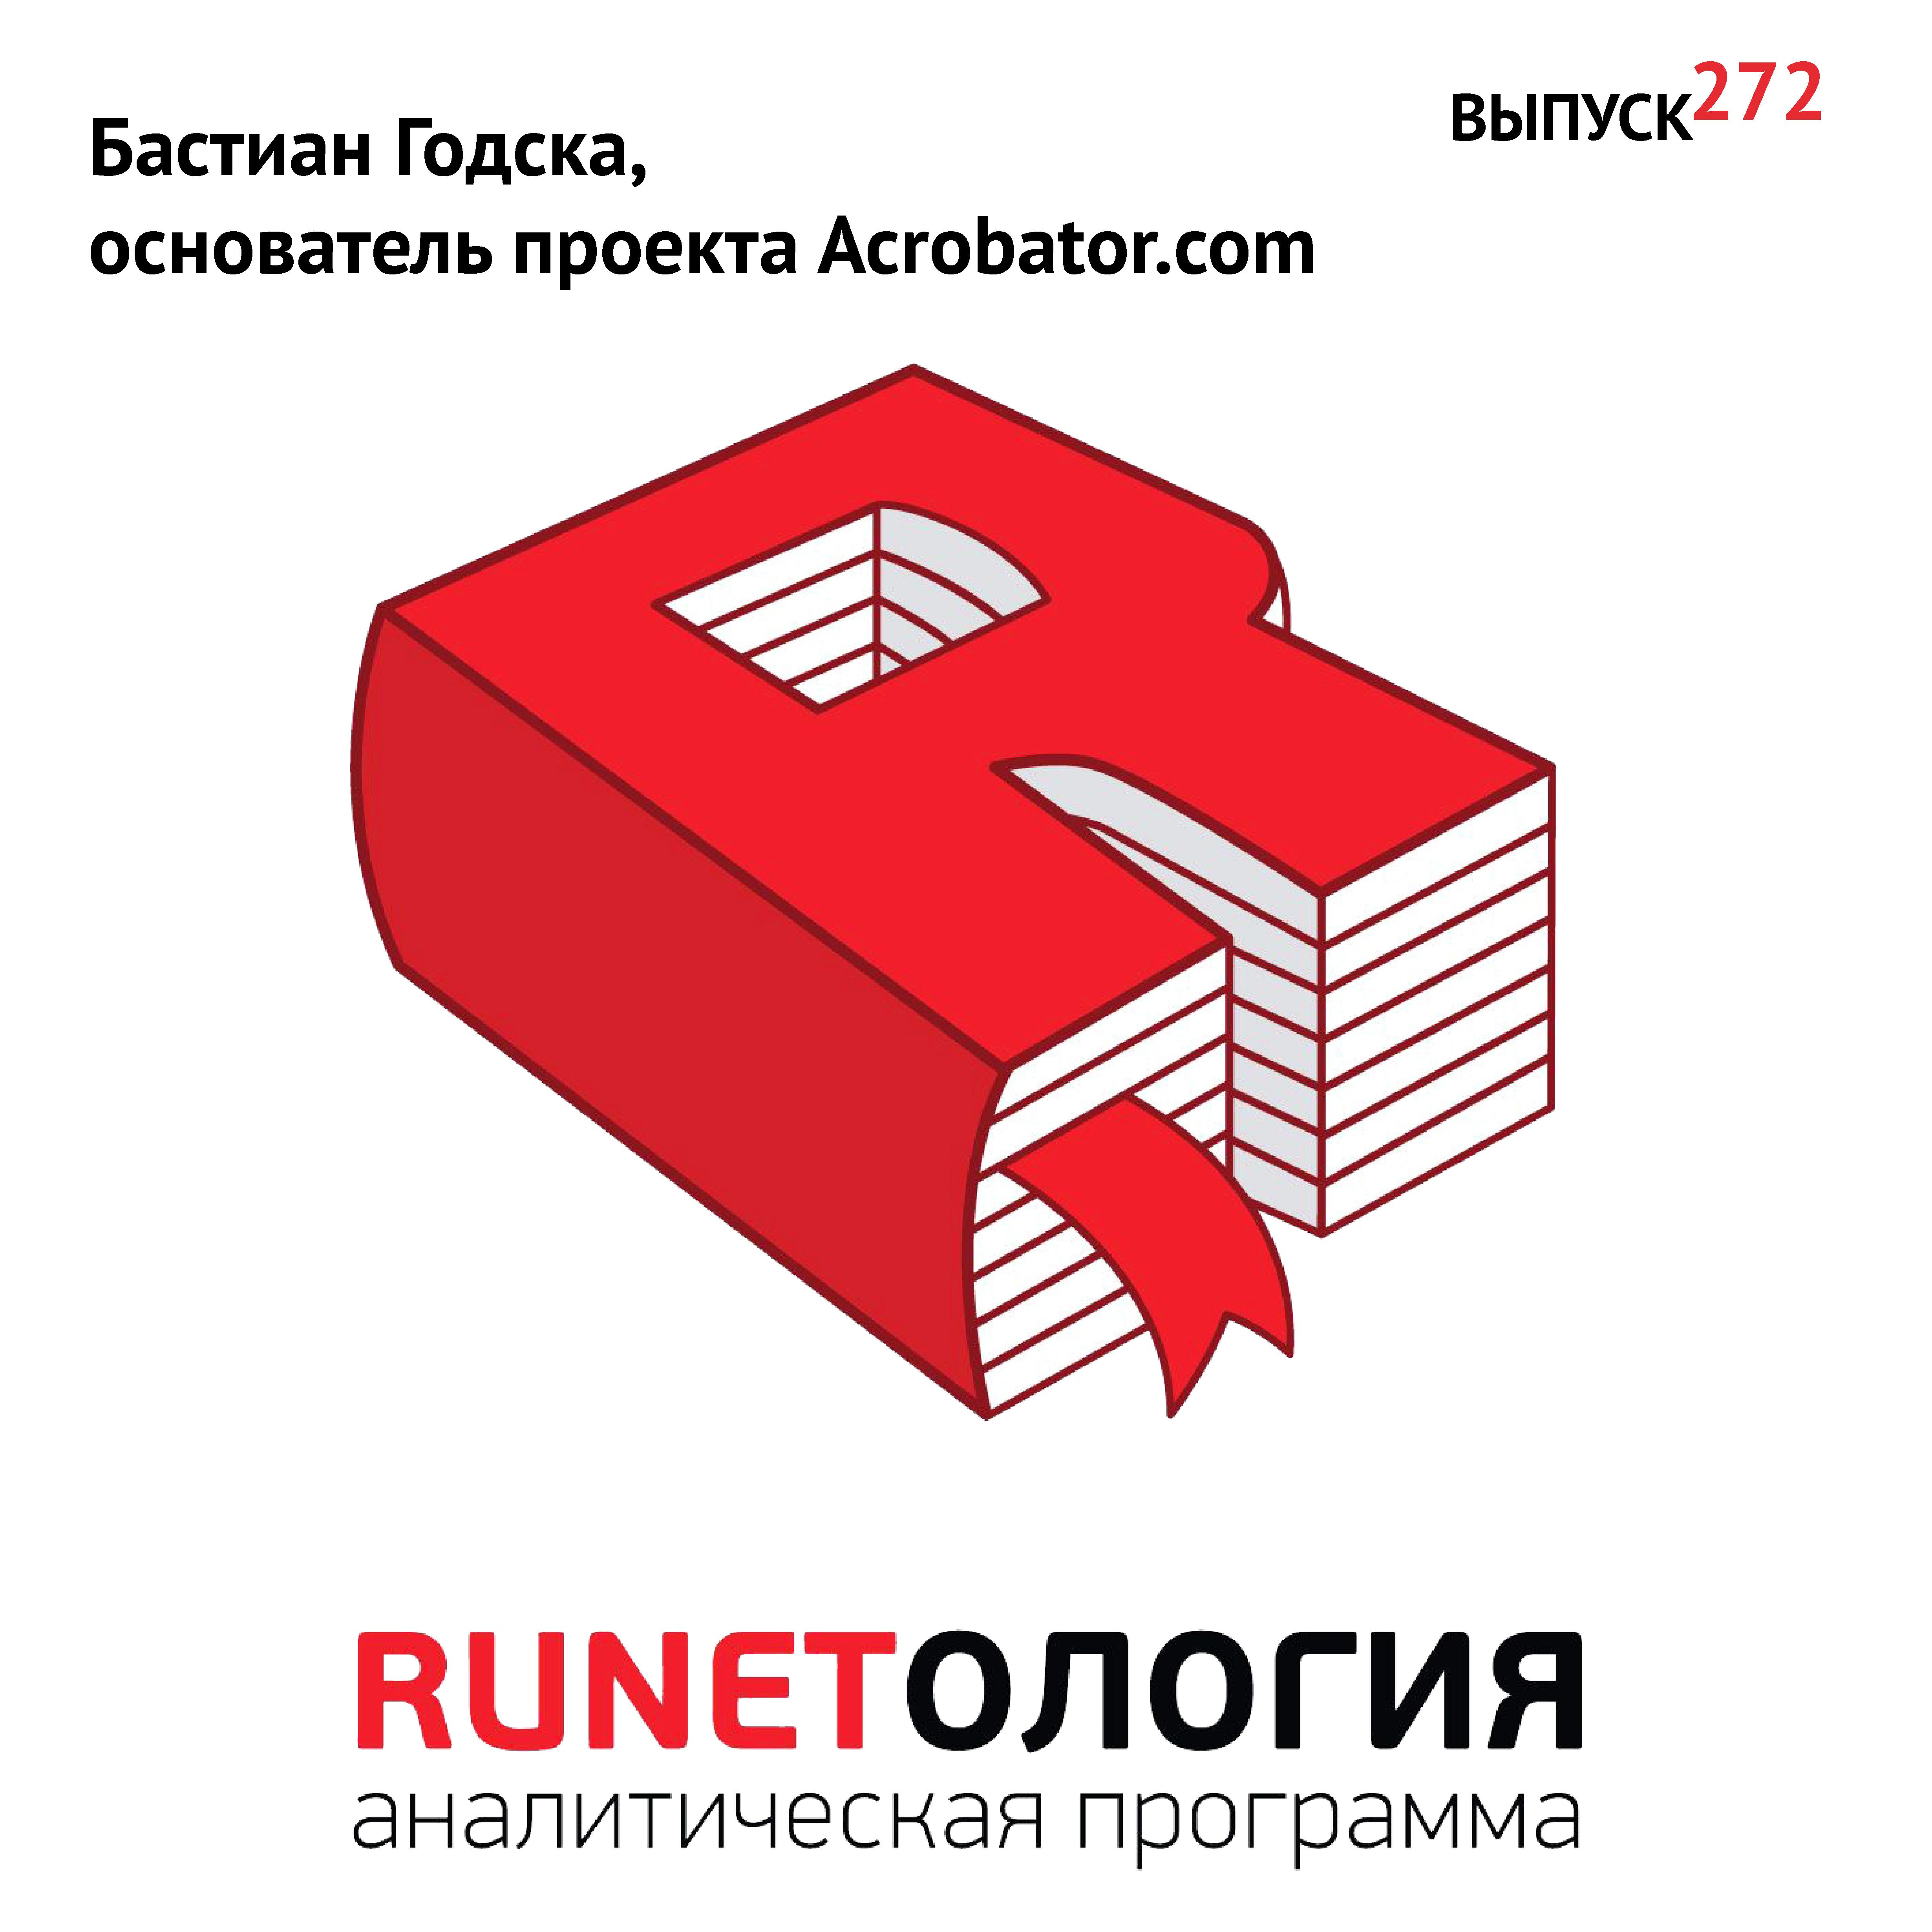 Максим Спиридонов Бастиан Годска, основатель проекта Acrobator.com